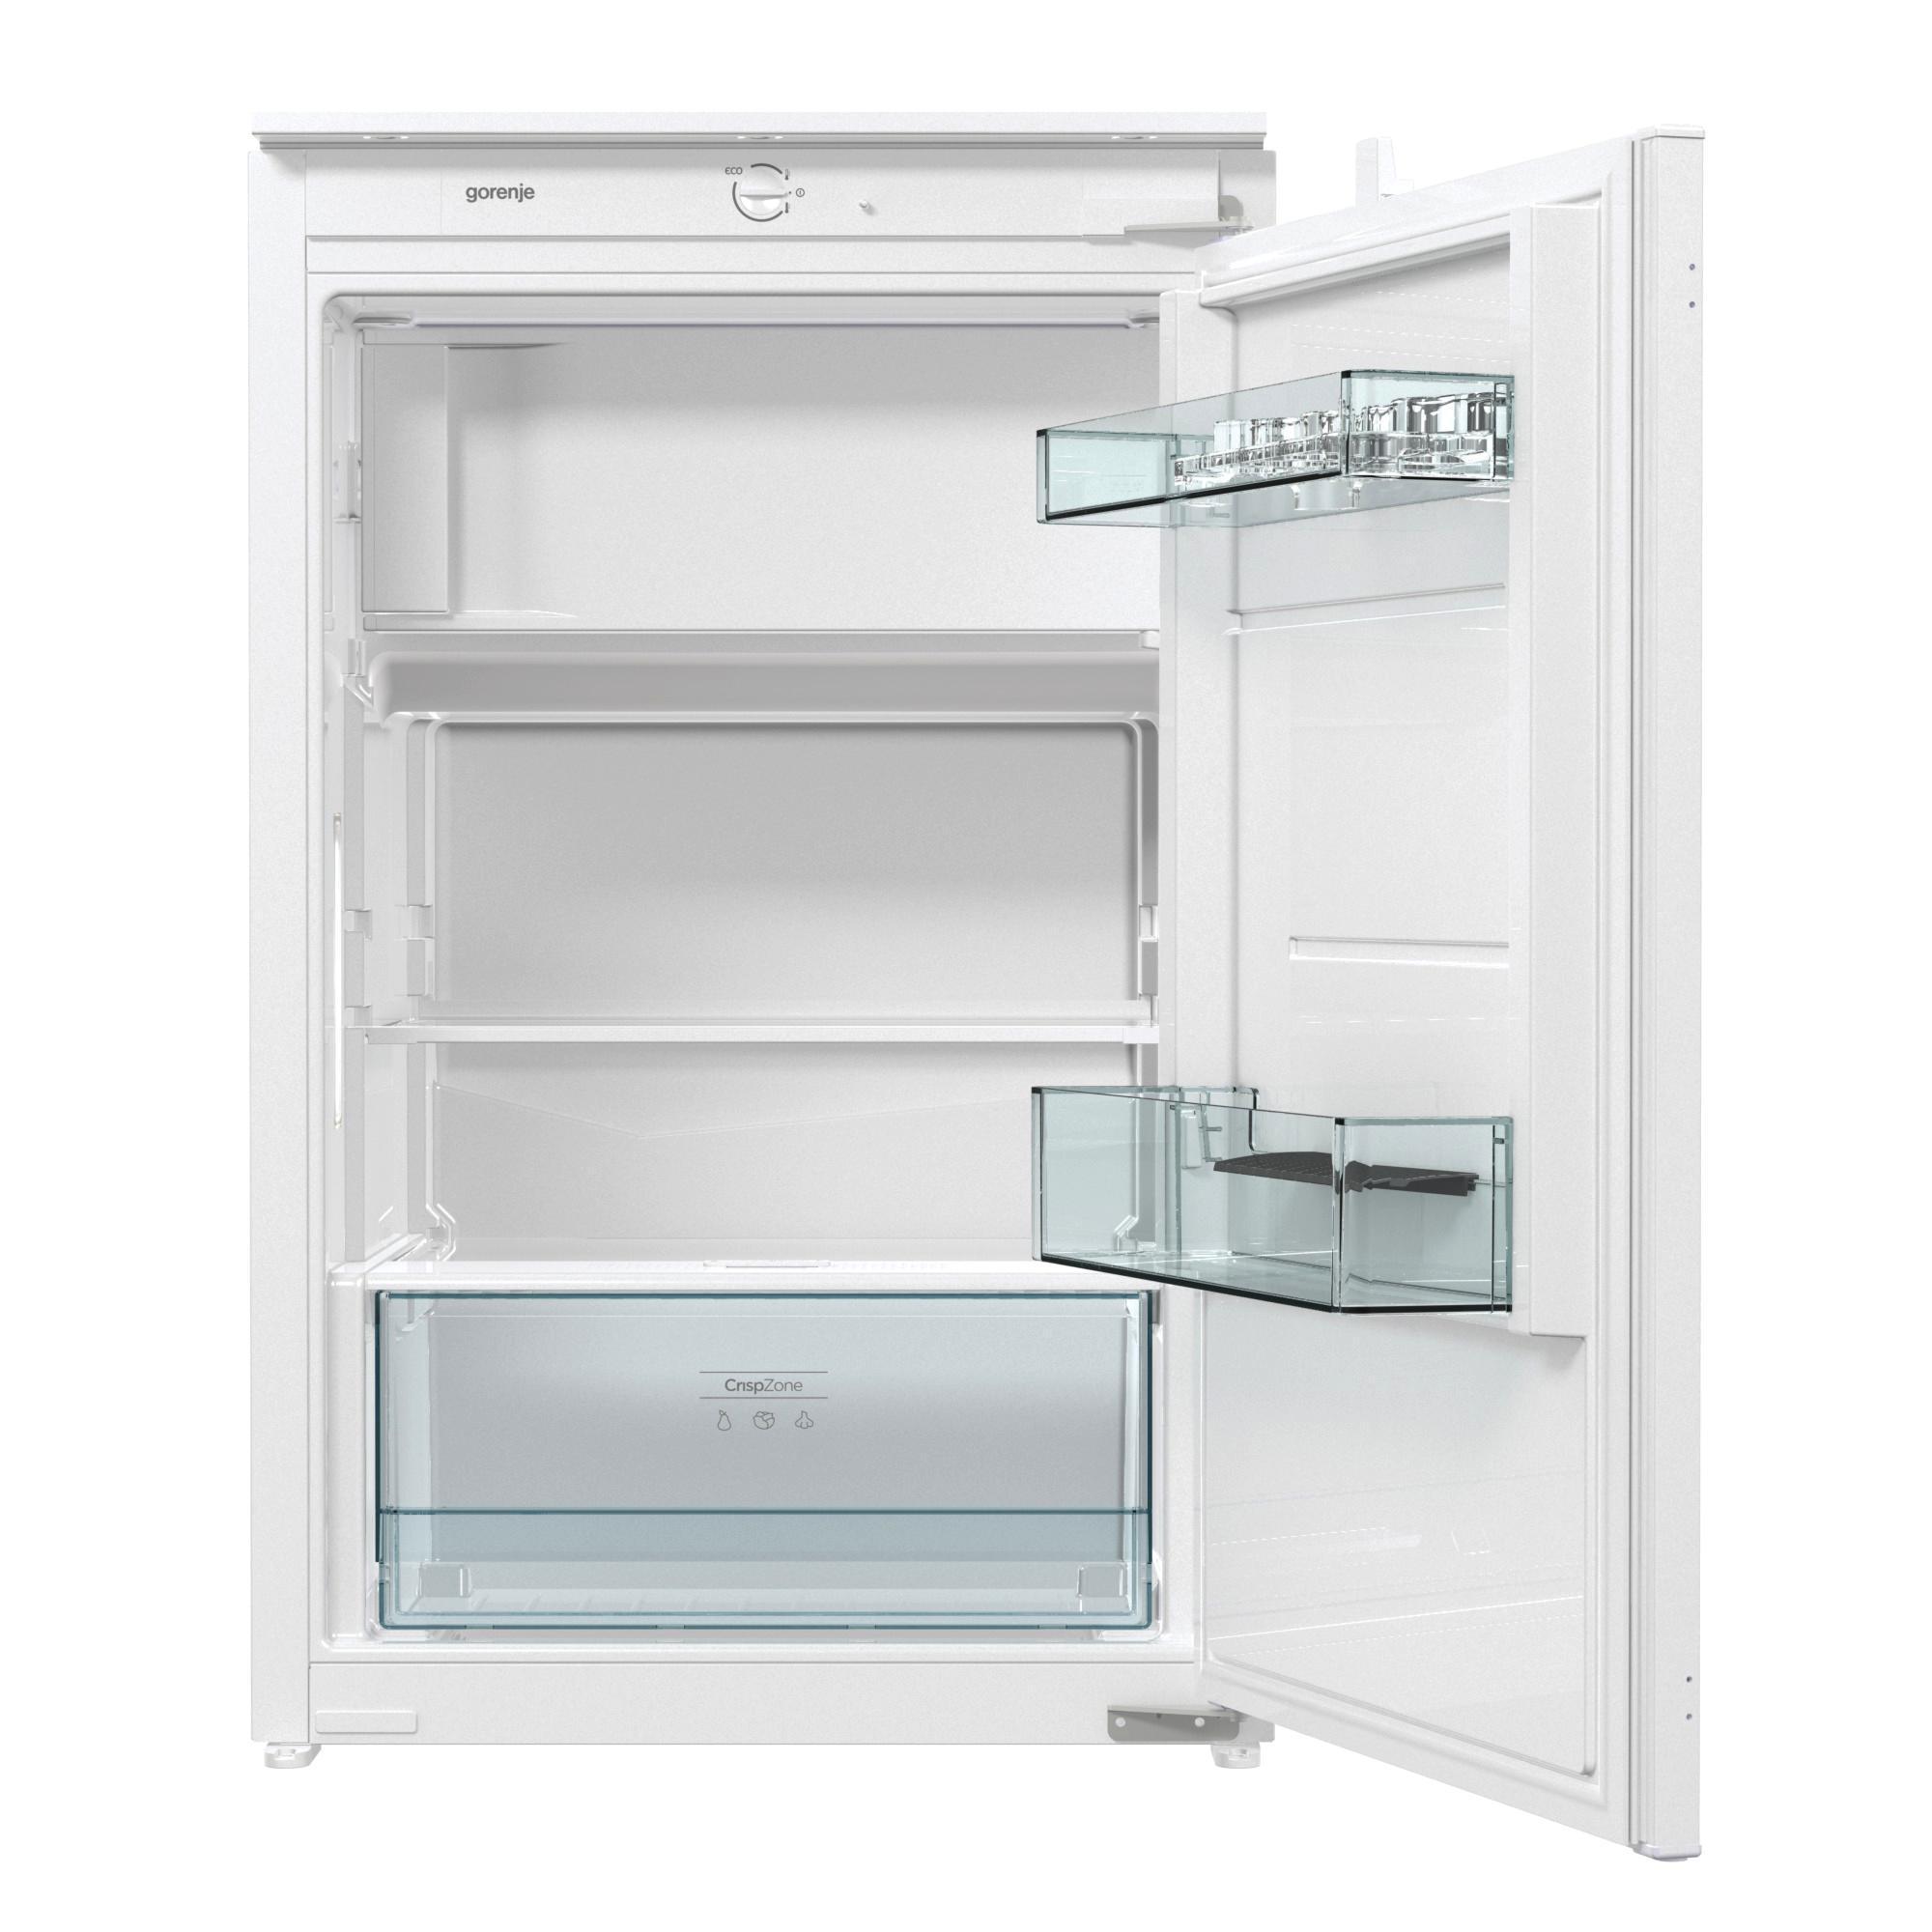 Gorenje Kühlschrank Nach Transport : Kühlschrank mit integriertem gefrierfach